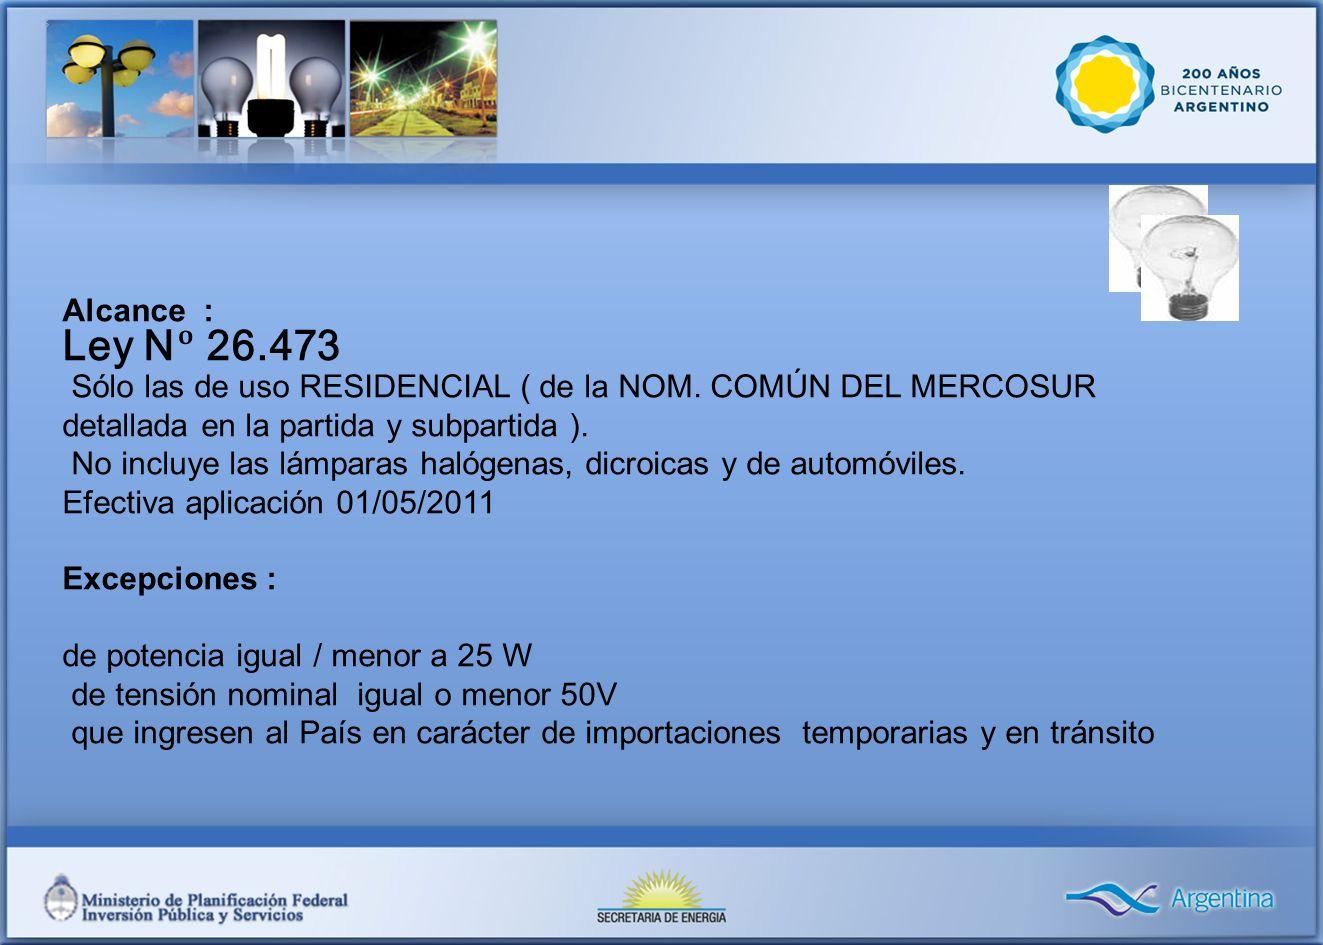 Alcance : Sólo las de uso RESIDENCIAL ( de la NOM. COMÚN DEL MERCOSUR detallada en la partida y subpartida ).